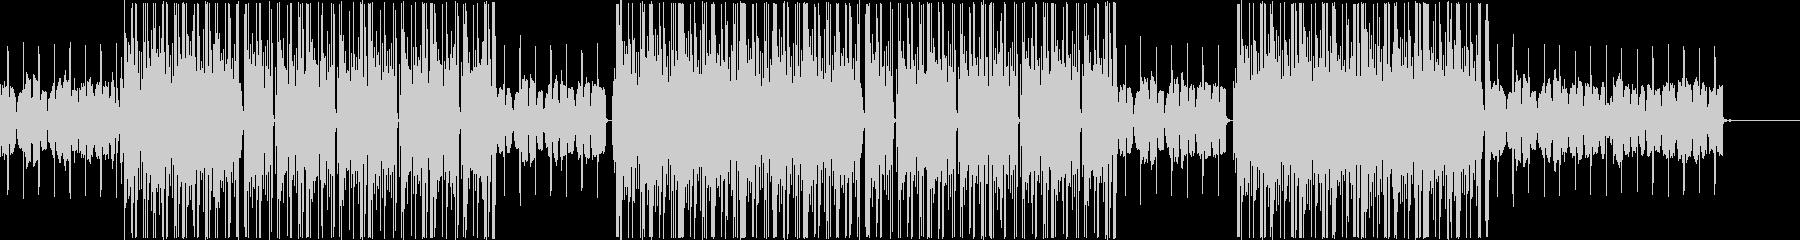 ローファイ、トラップ、R&Bチルアウト♪の未再生の波形